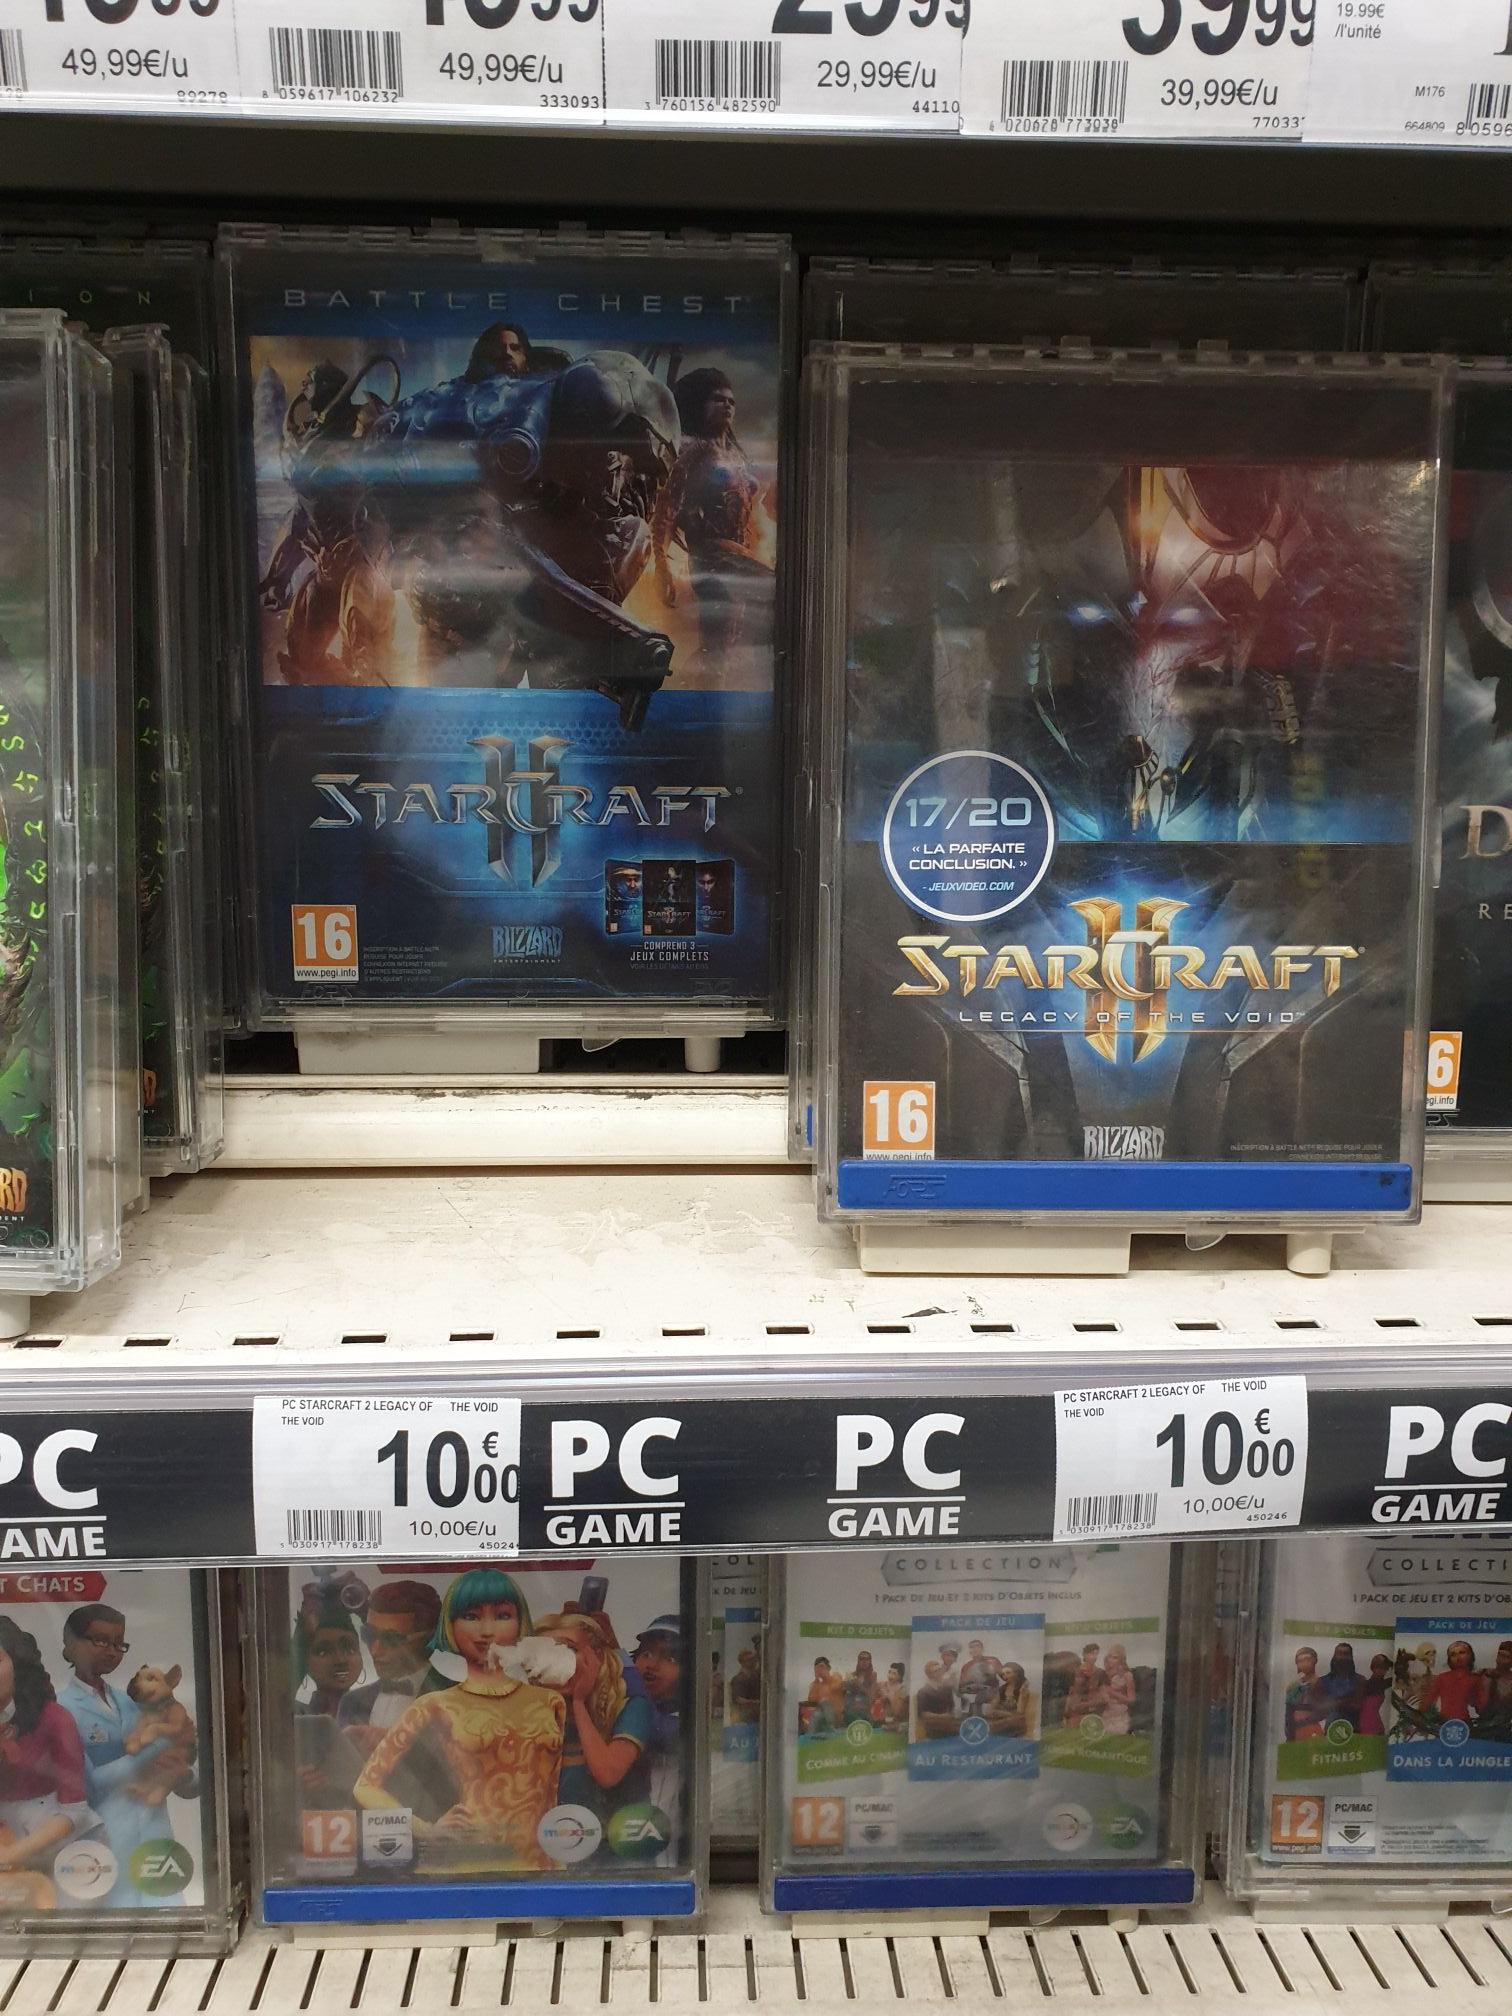 Sélection de jeux Blizzard en promotion - Ex : Jeu Starcraft 2 Battlechest sur PC - Auchan Grande-Synthe (59)